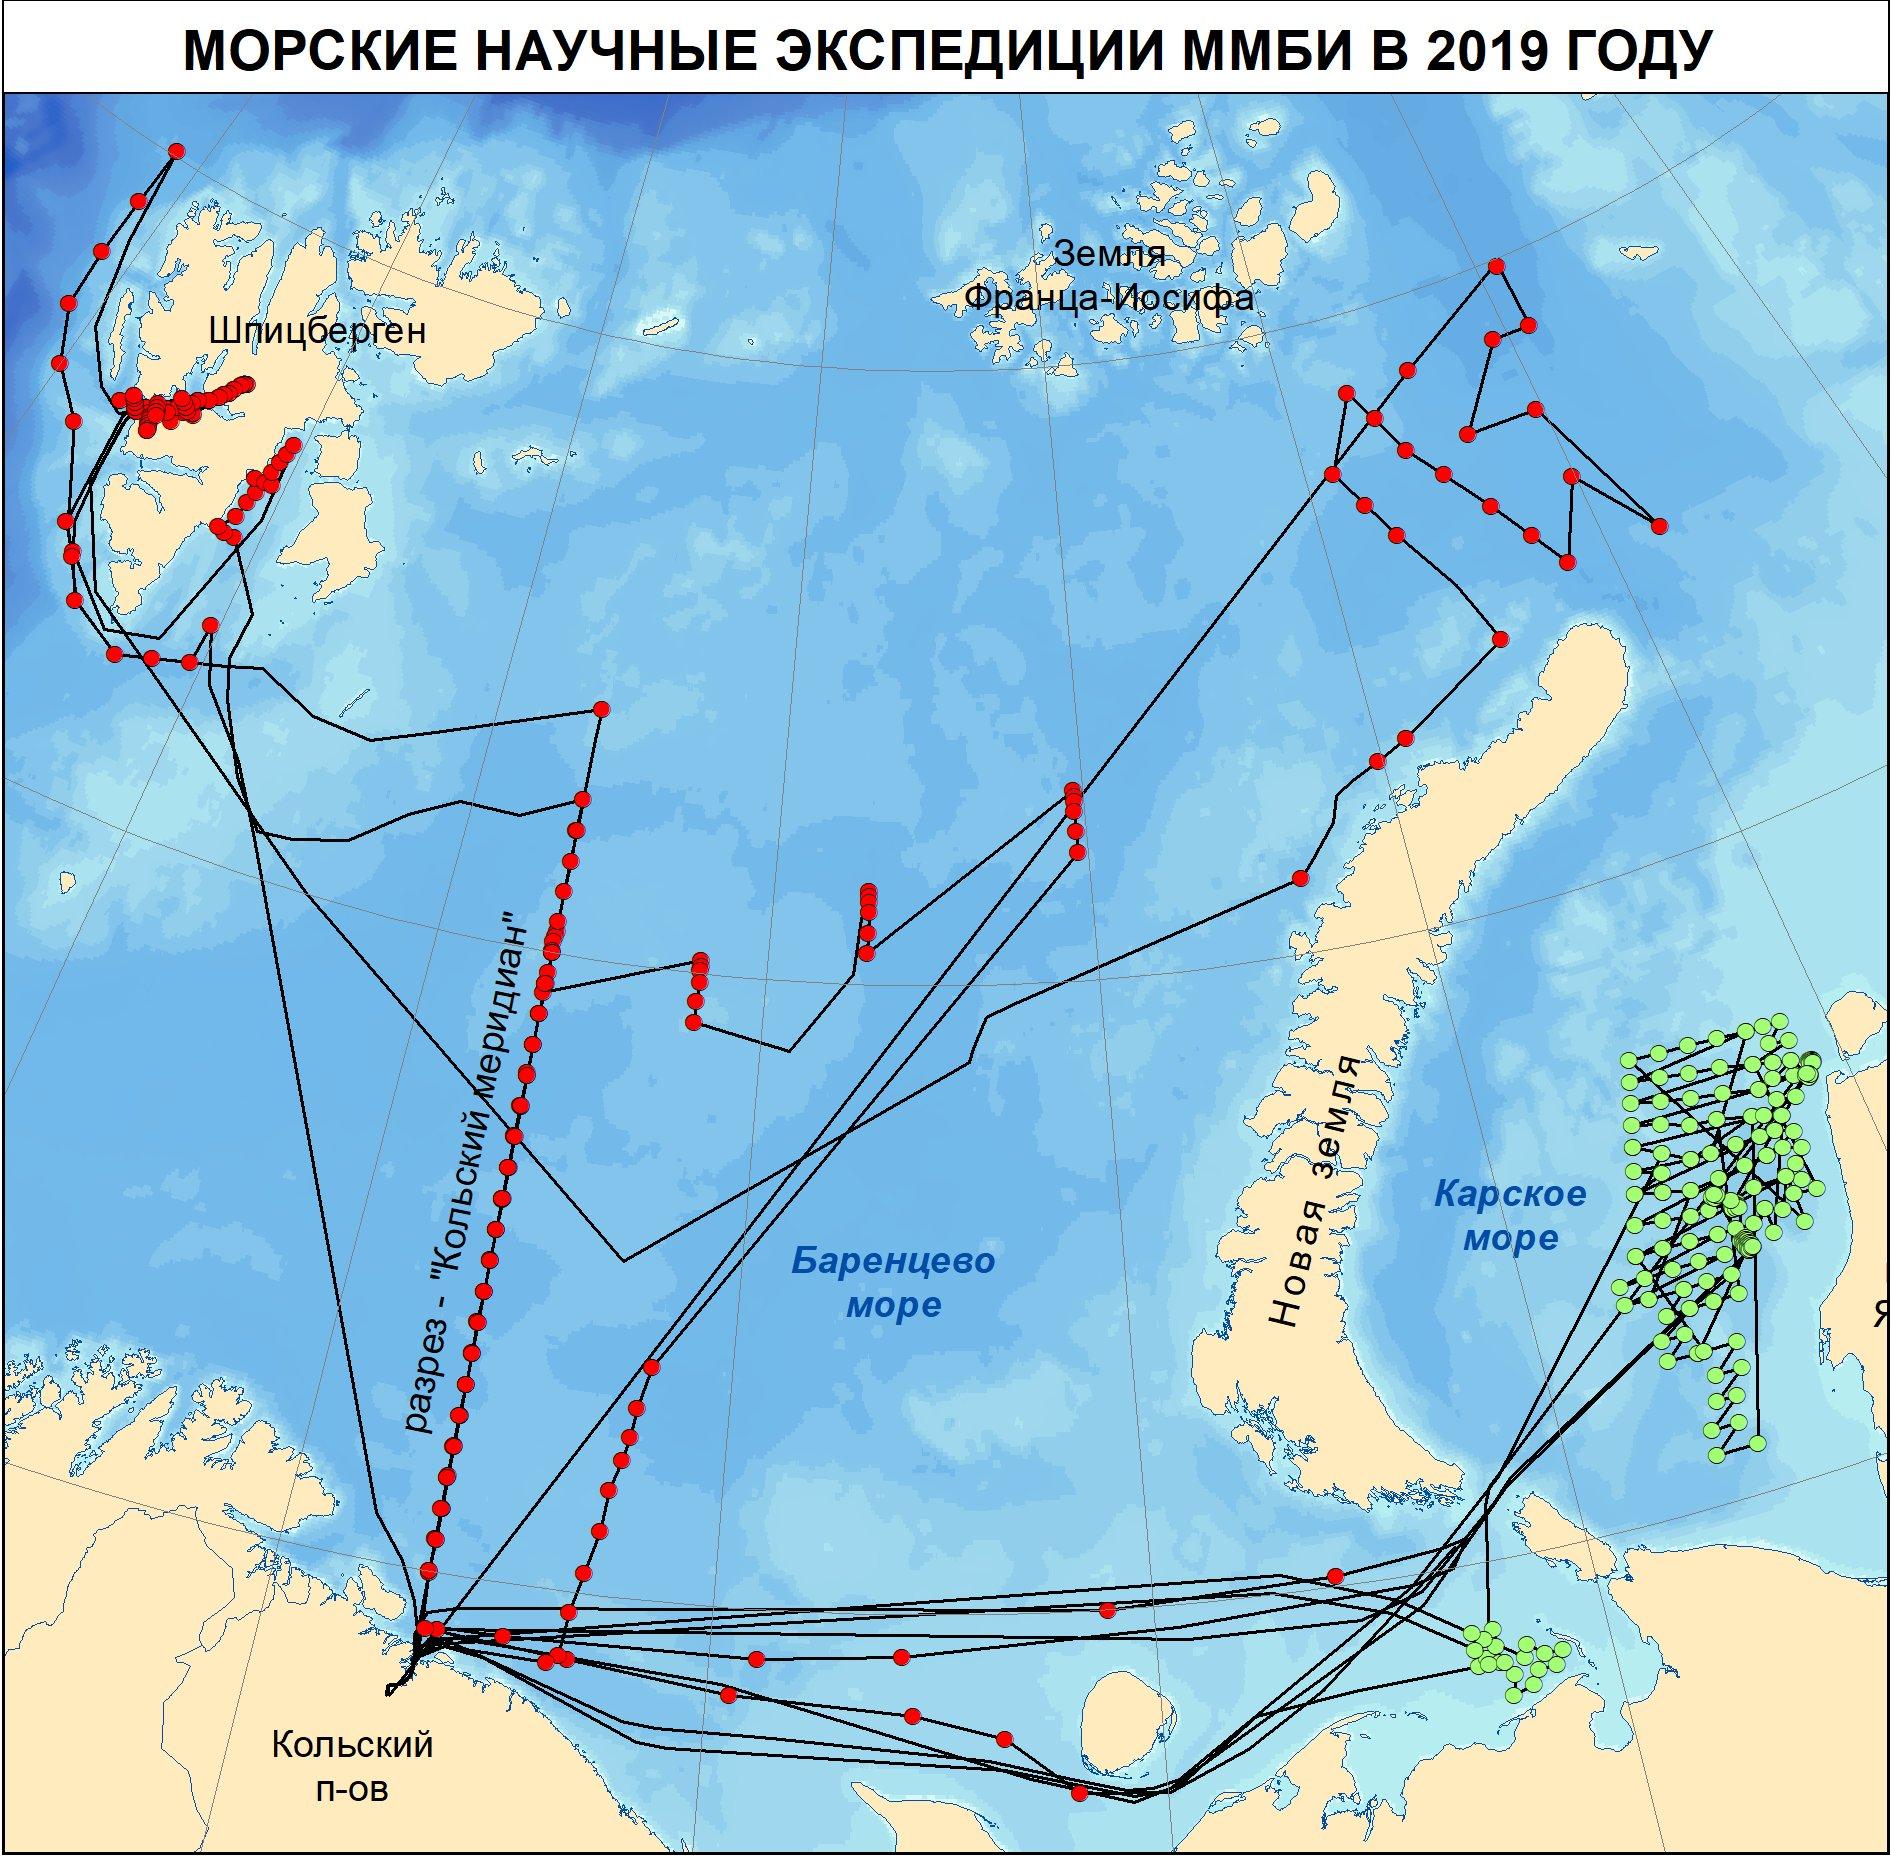 Экспедиции ММБИ в 2019 году